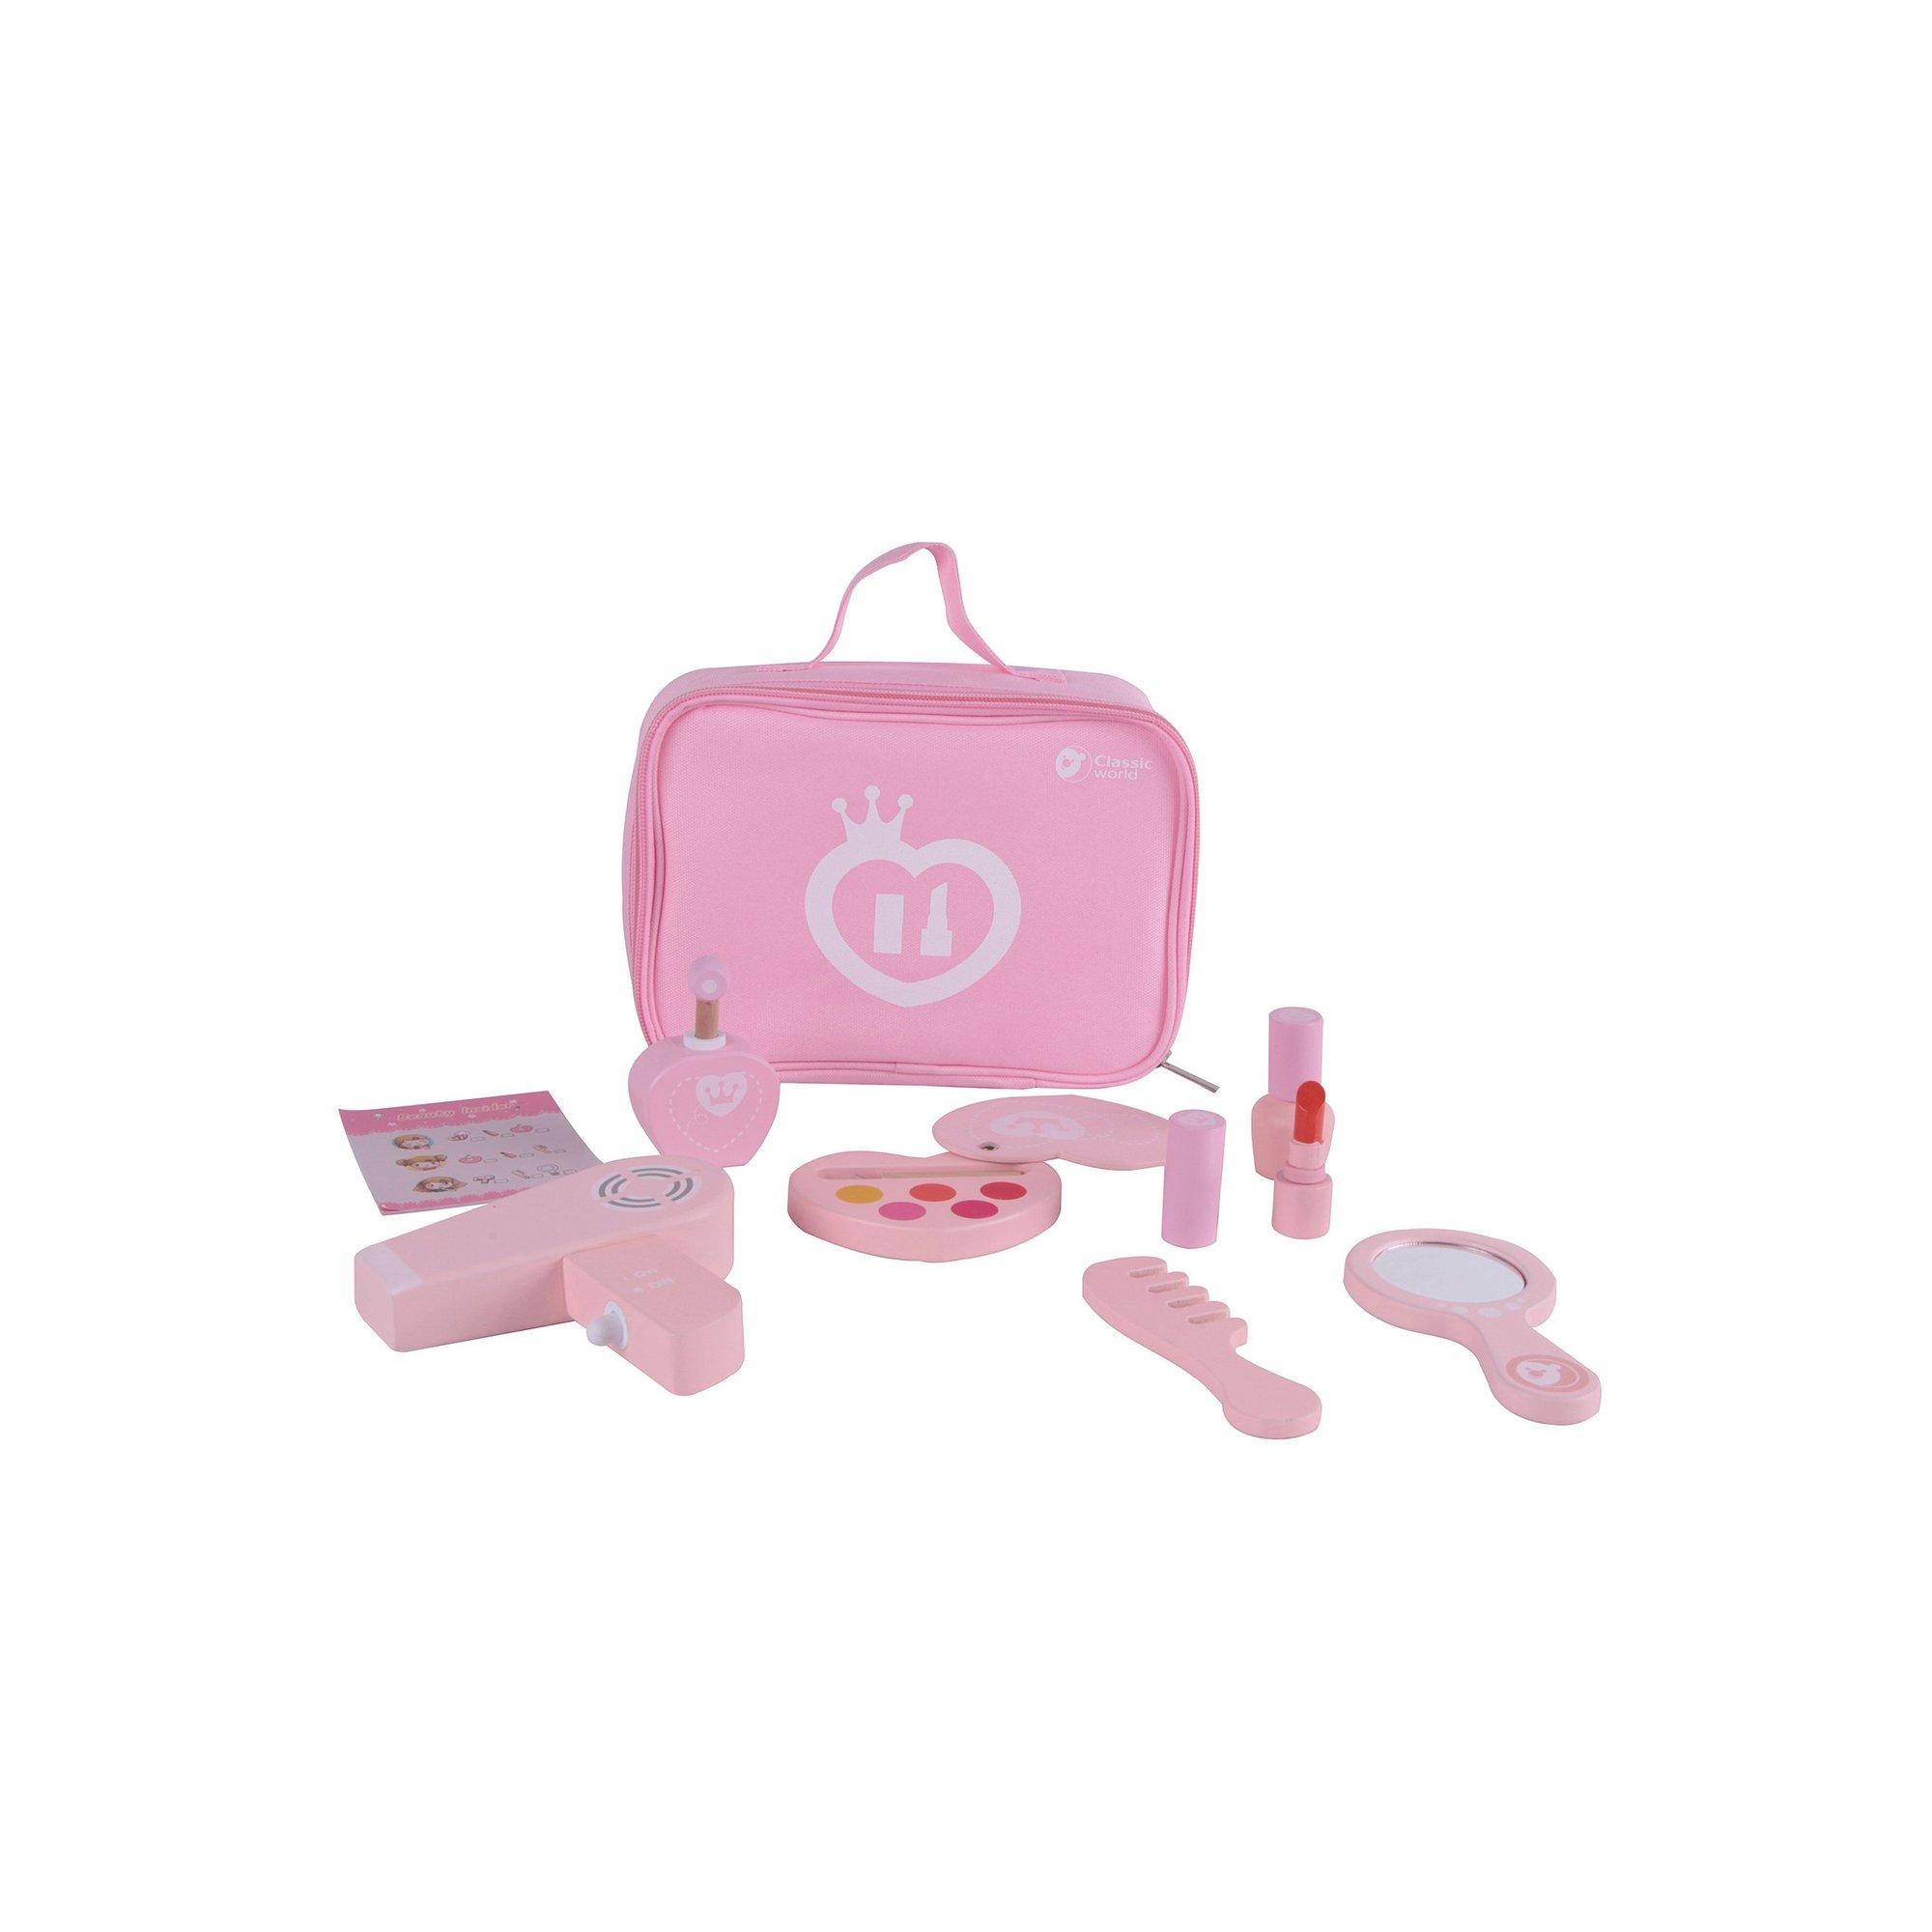 Image of Classic World - 9 Piece Pink Makeup Set